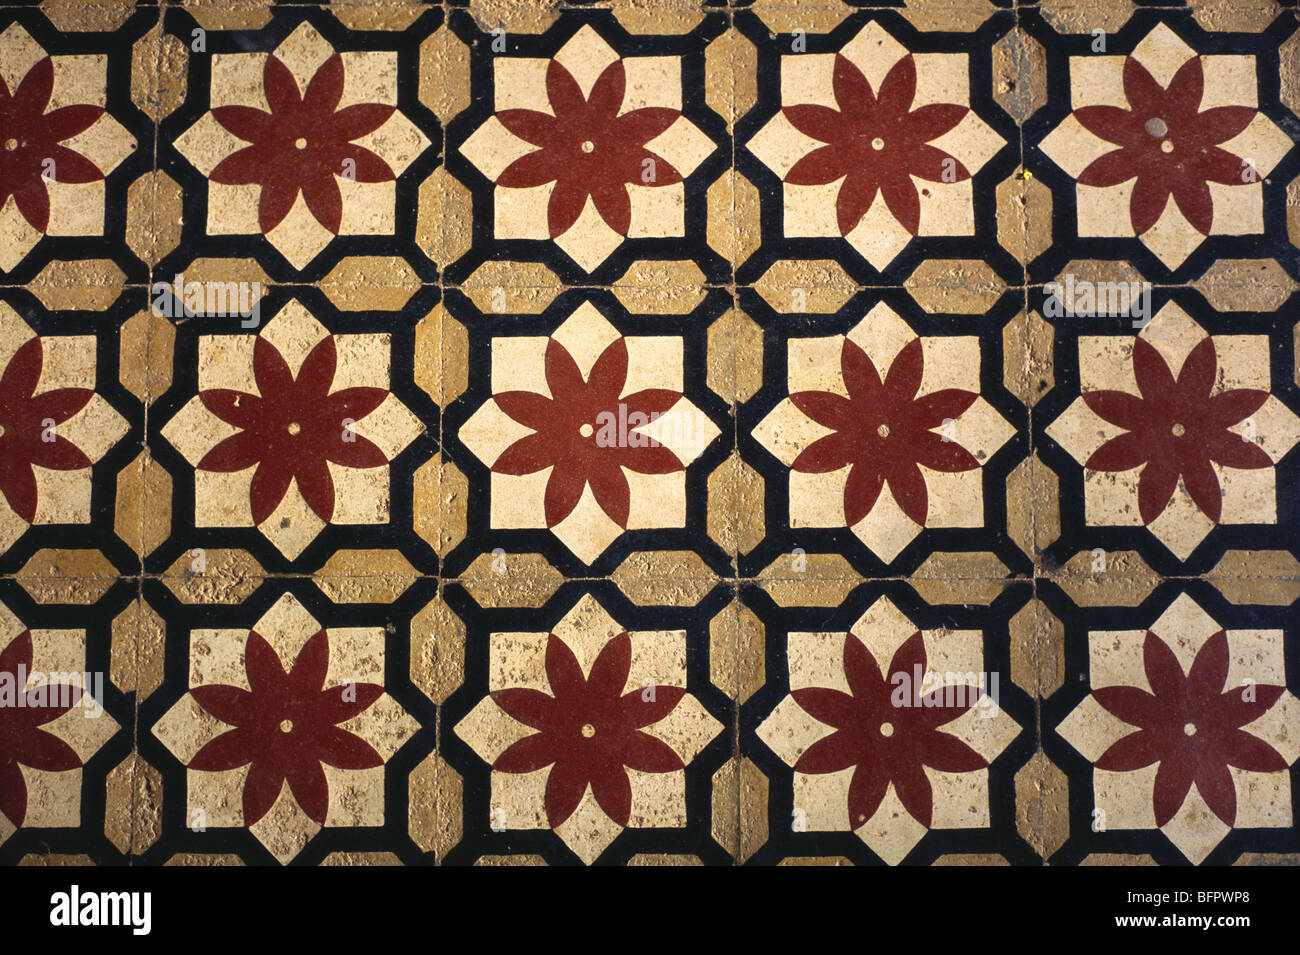 Nett Küchenfliesen India Fotos - Ideen Für Die Küche Dekoration ...